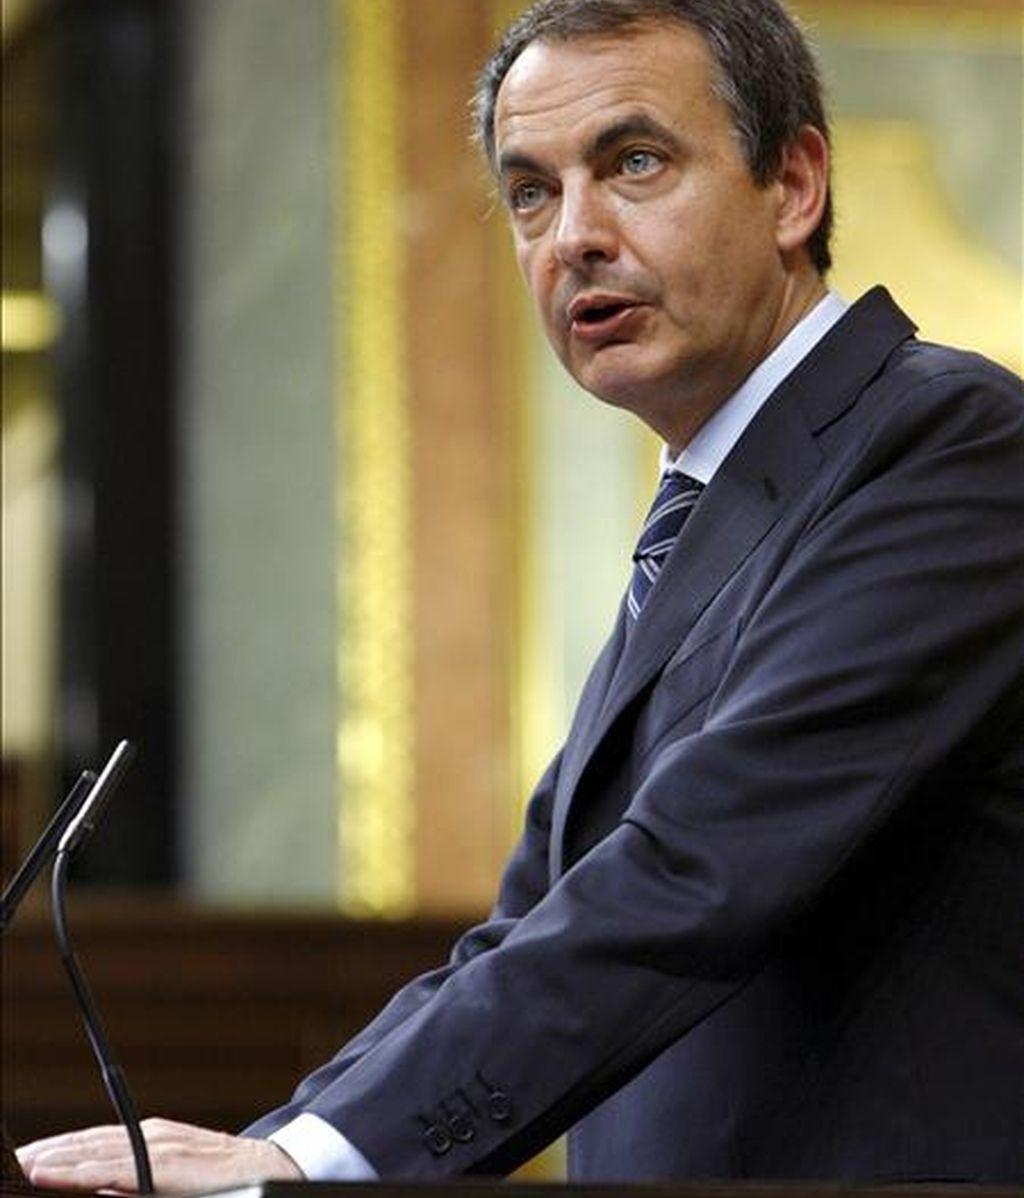 El presidente del Gobierno, José Luis Rodríguez Zapatero, durante una de sus intervenciones en la sesión de control al Ejecutivo que se celebra en el Congreso, y en la que se habla, entre otros asuntos, de las críticas del Banco de España al aumento del déficit público. EFE